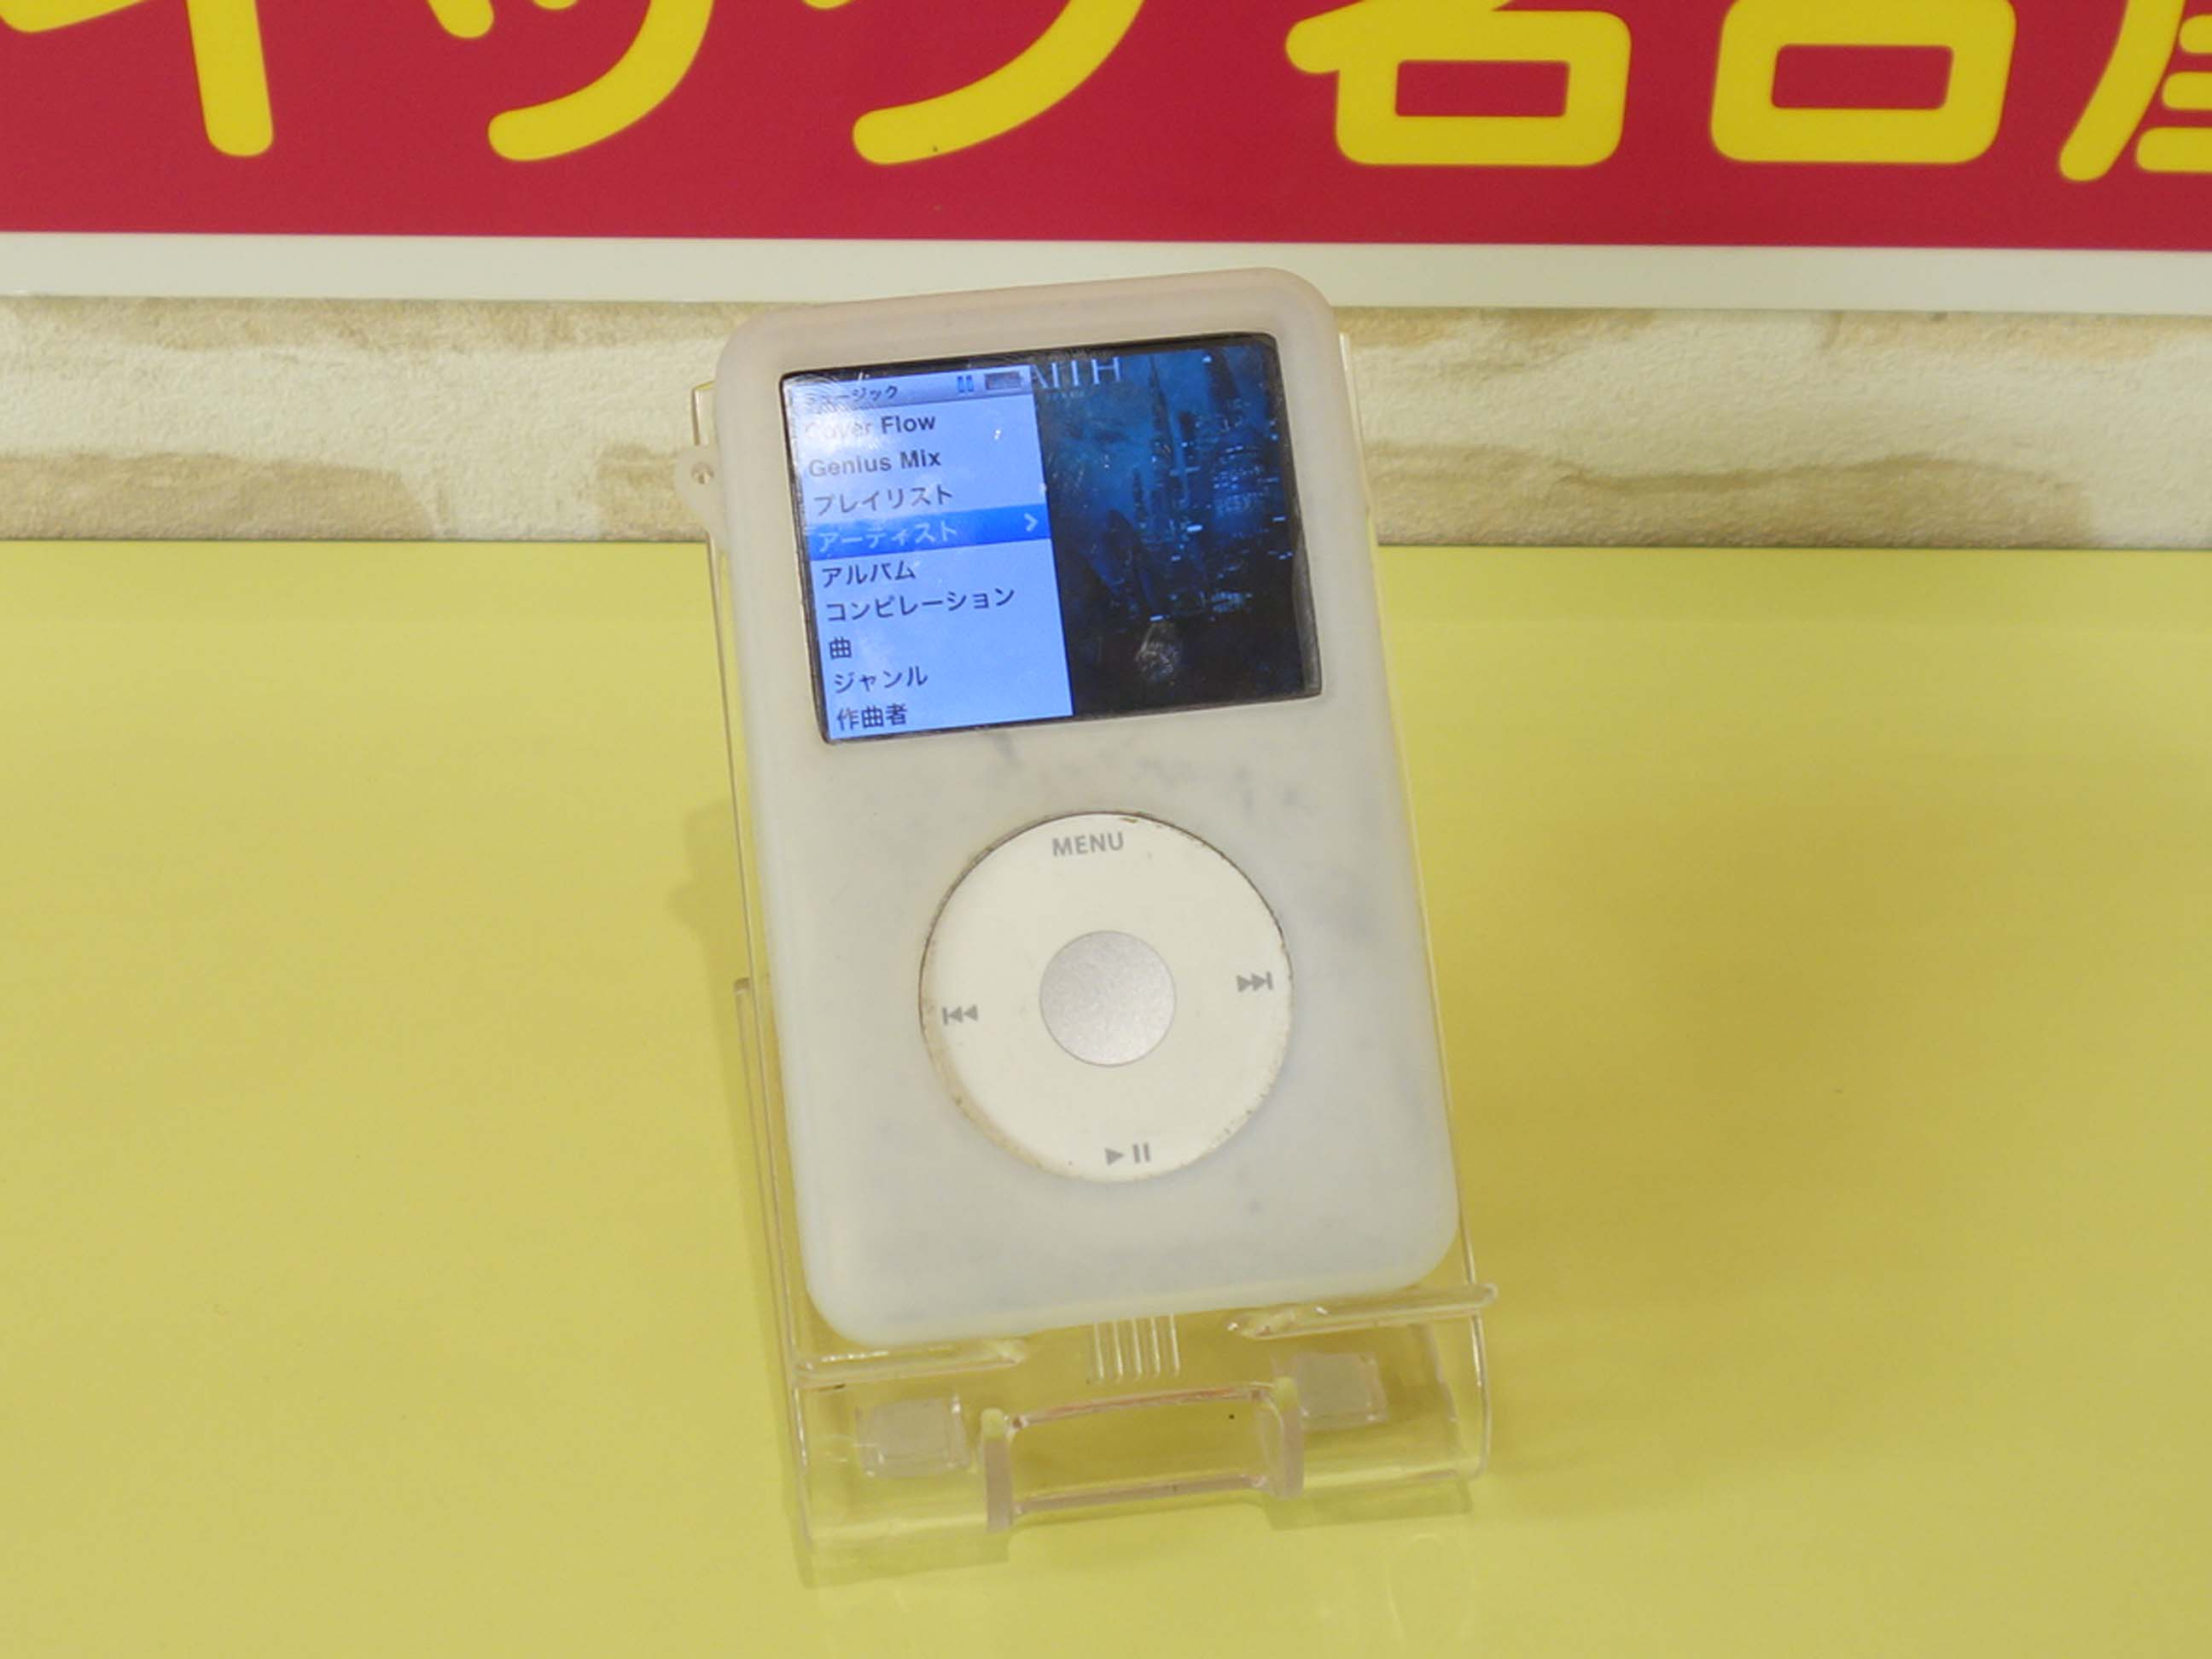 iPod Classicのバッテリー交換修理で豊田市からご来店!アイポッド修理もクイック名古屋